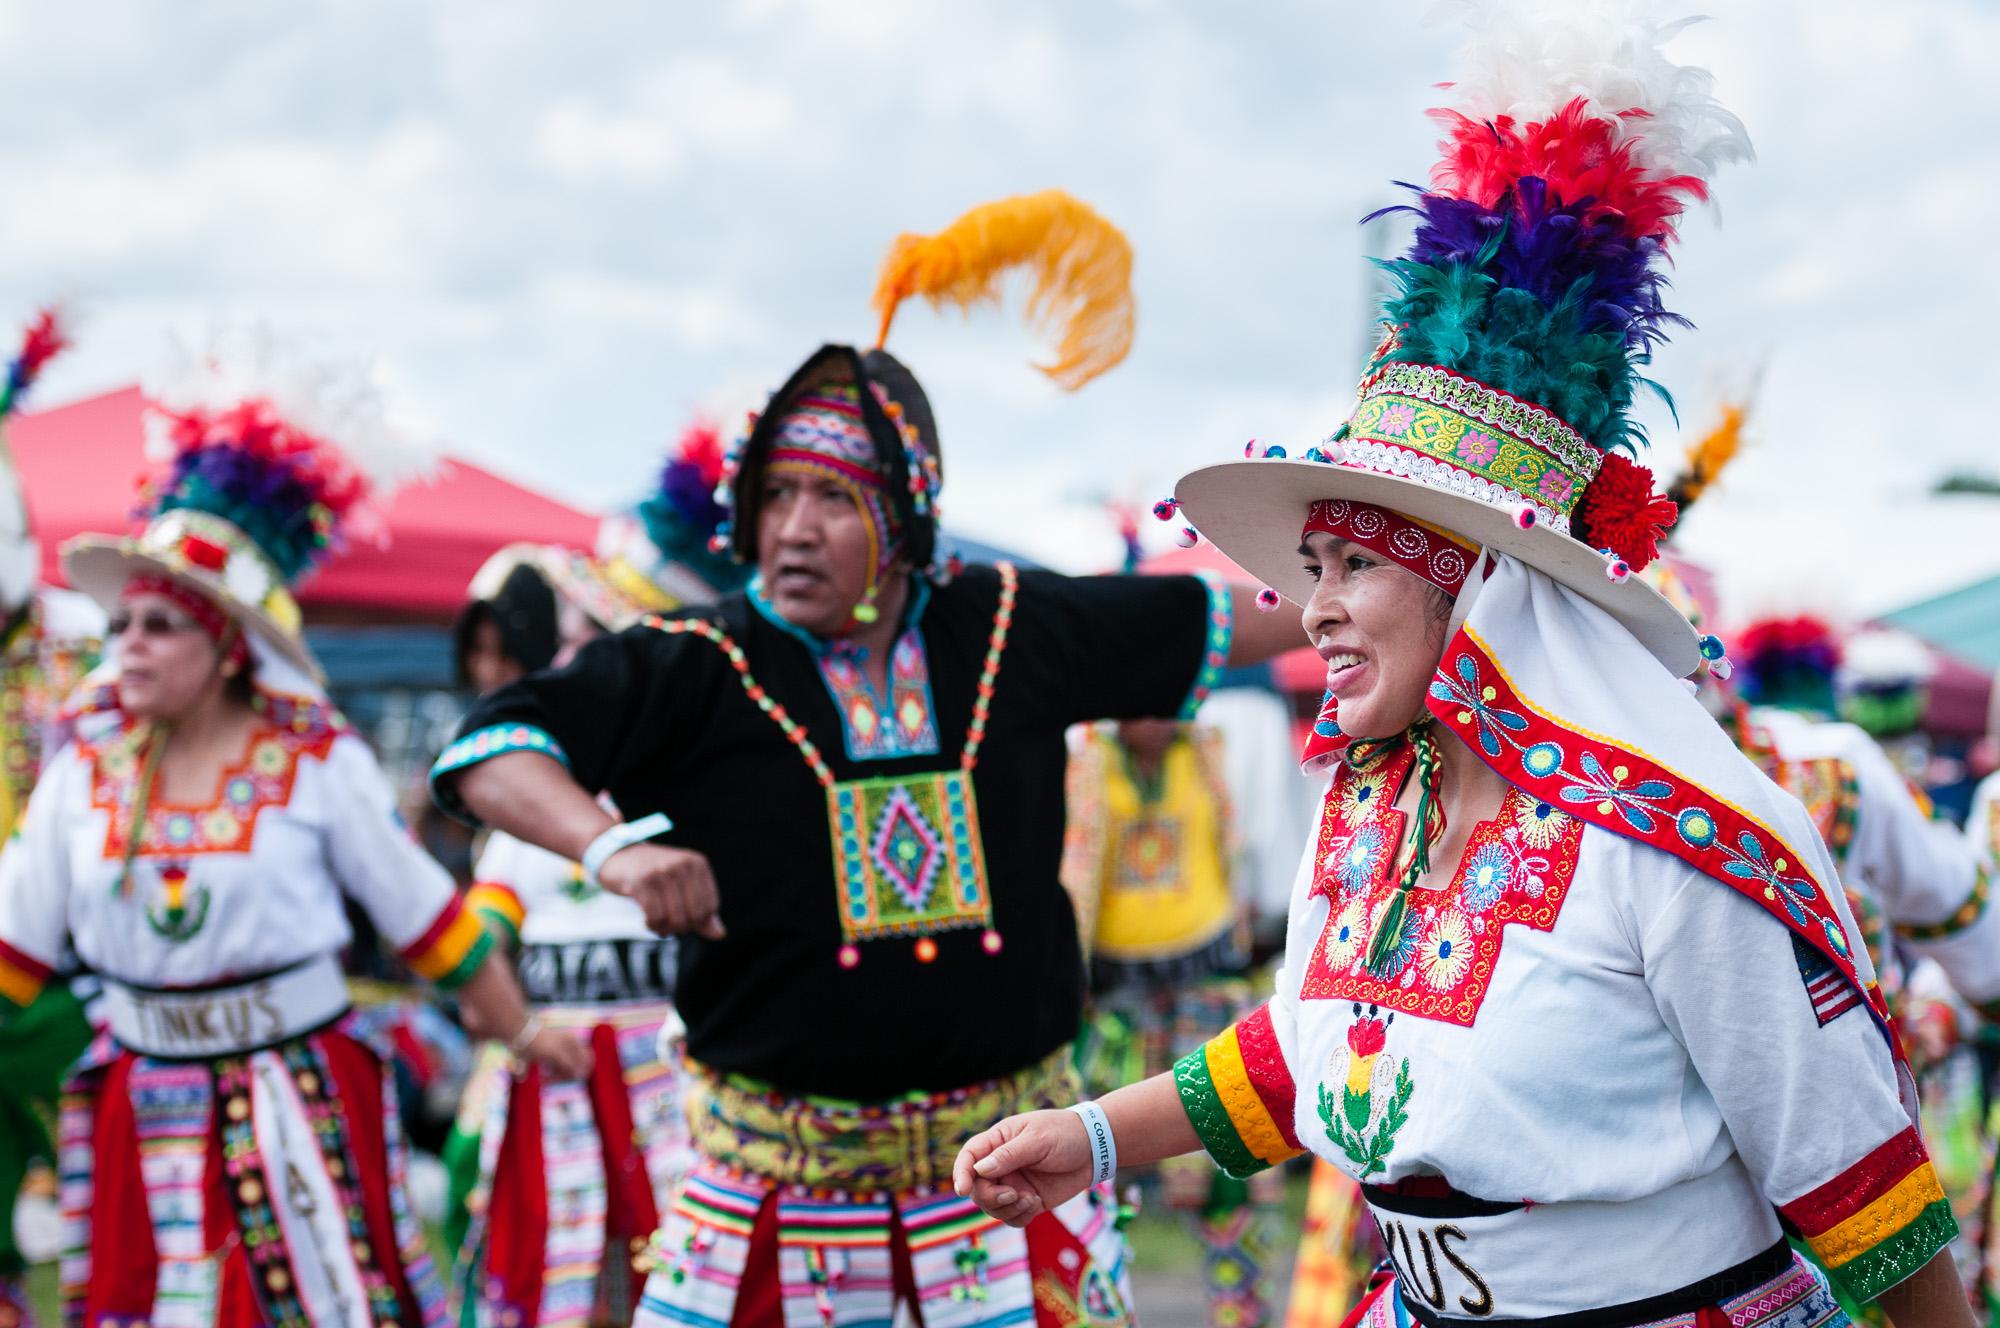 Tinkus Tiataco performing a Tinkus dance.